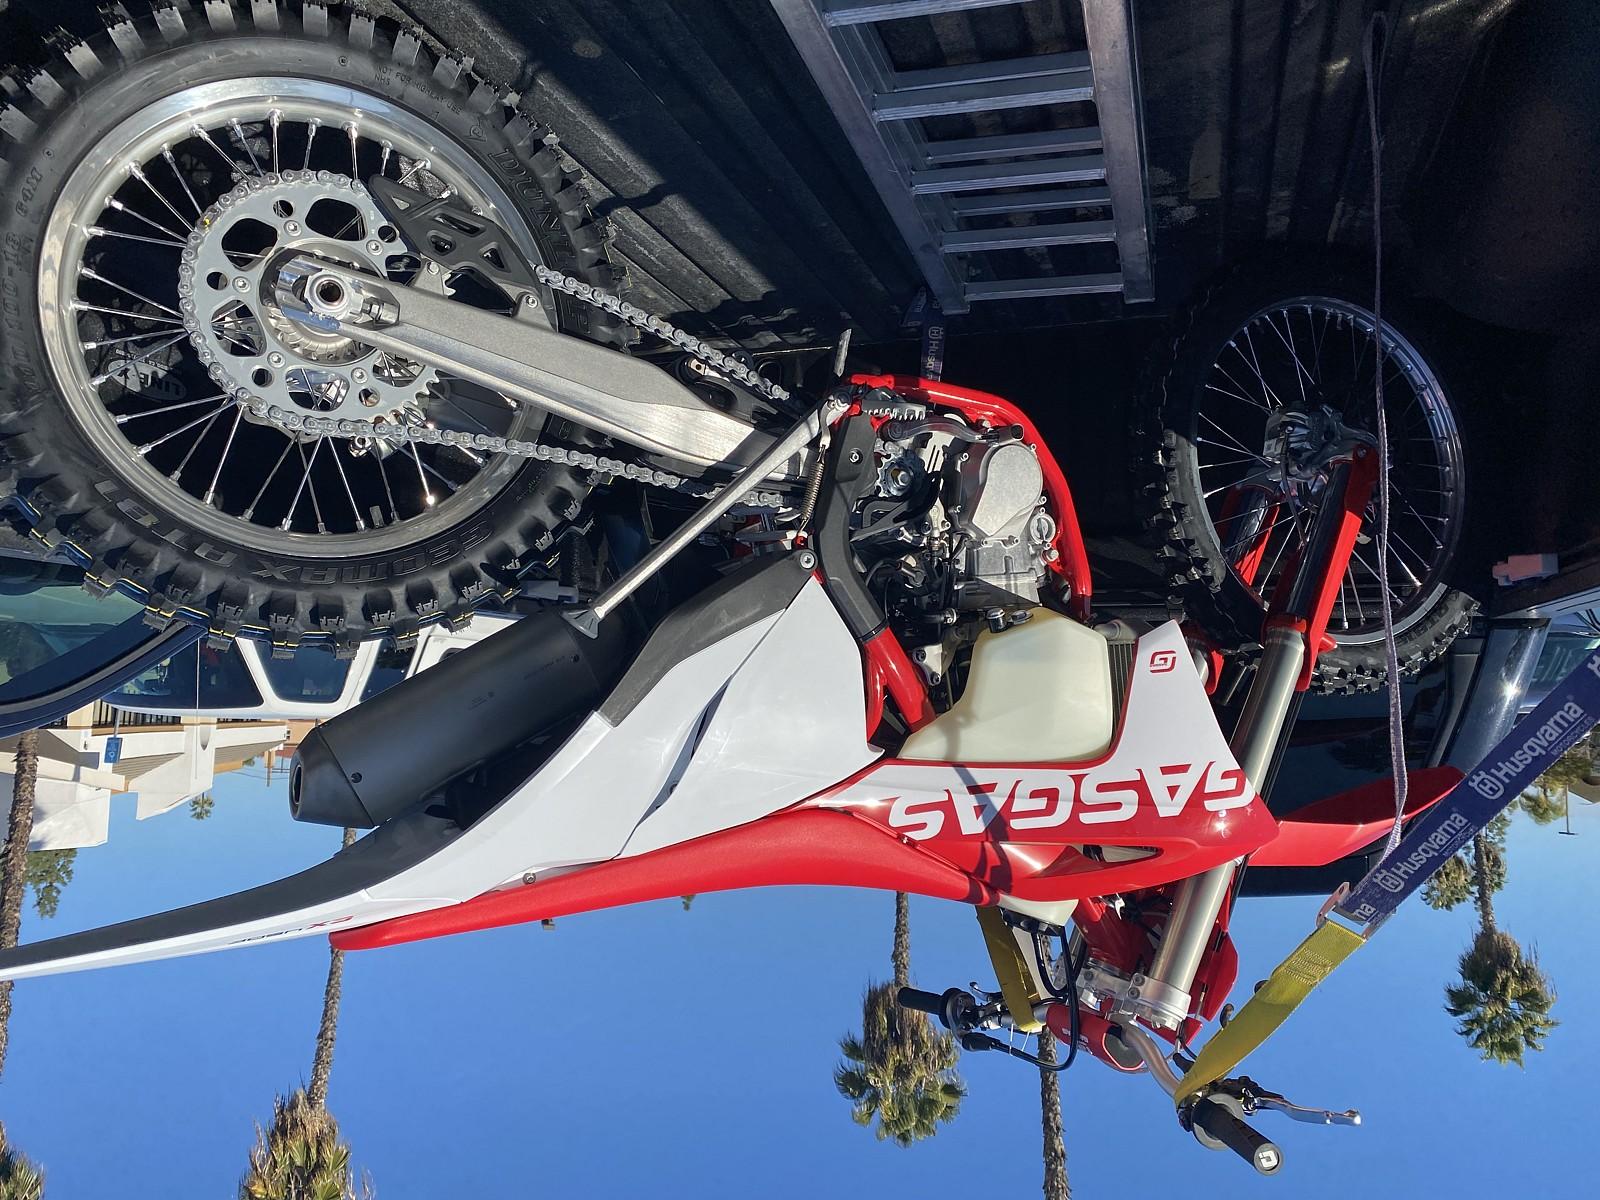 New Bike Day!! - prida28 - Motocross Pictures - Vital MX